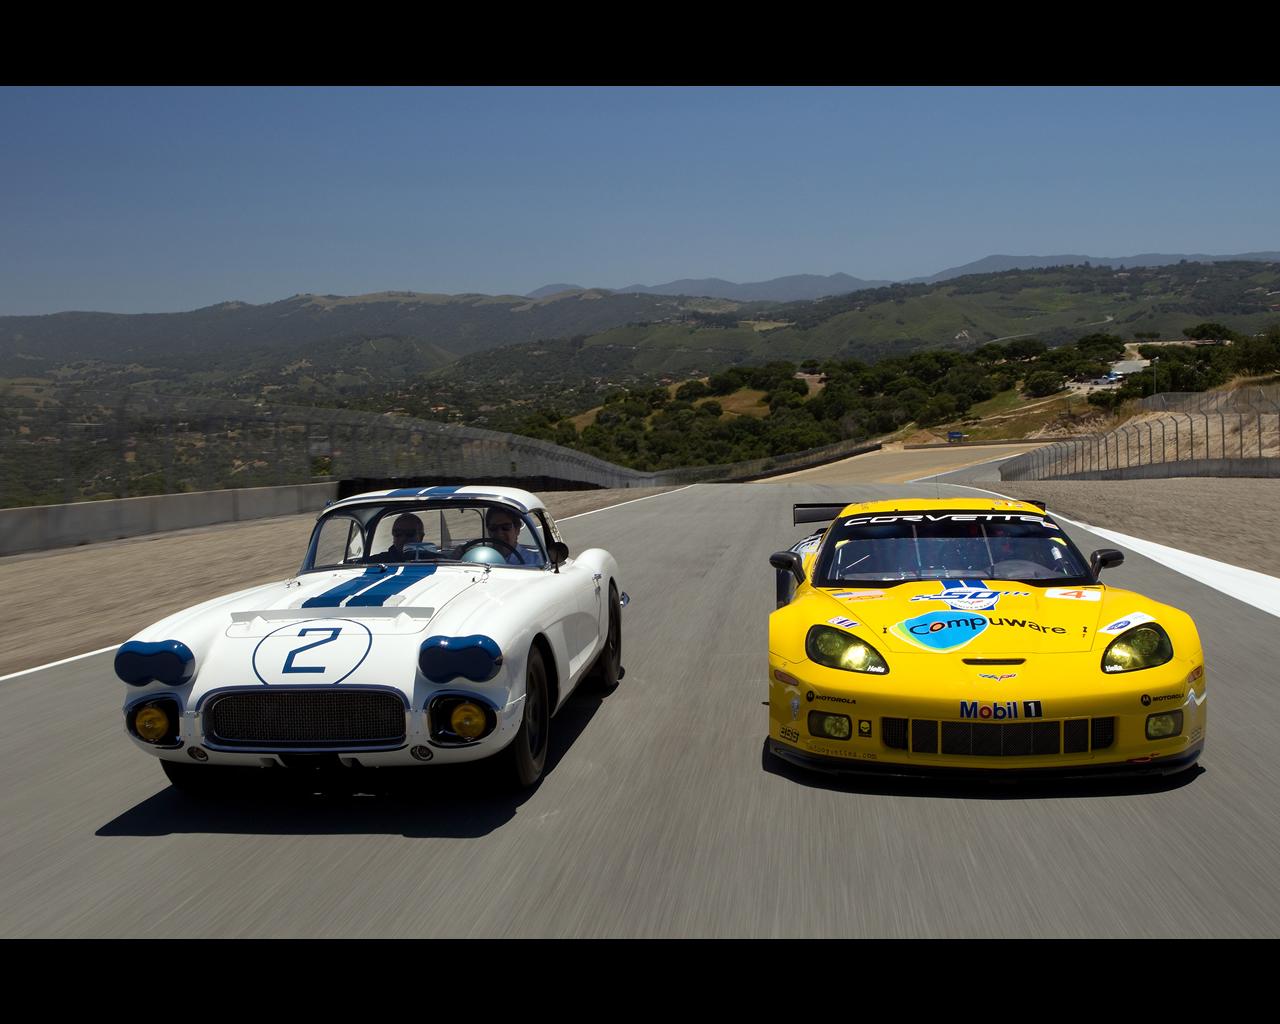 1967 corvette le mans race car Car Pictures 1280x1024